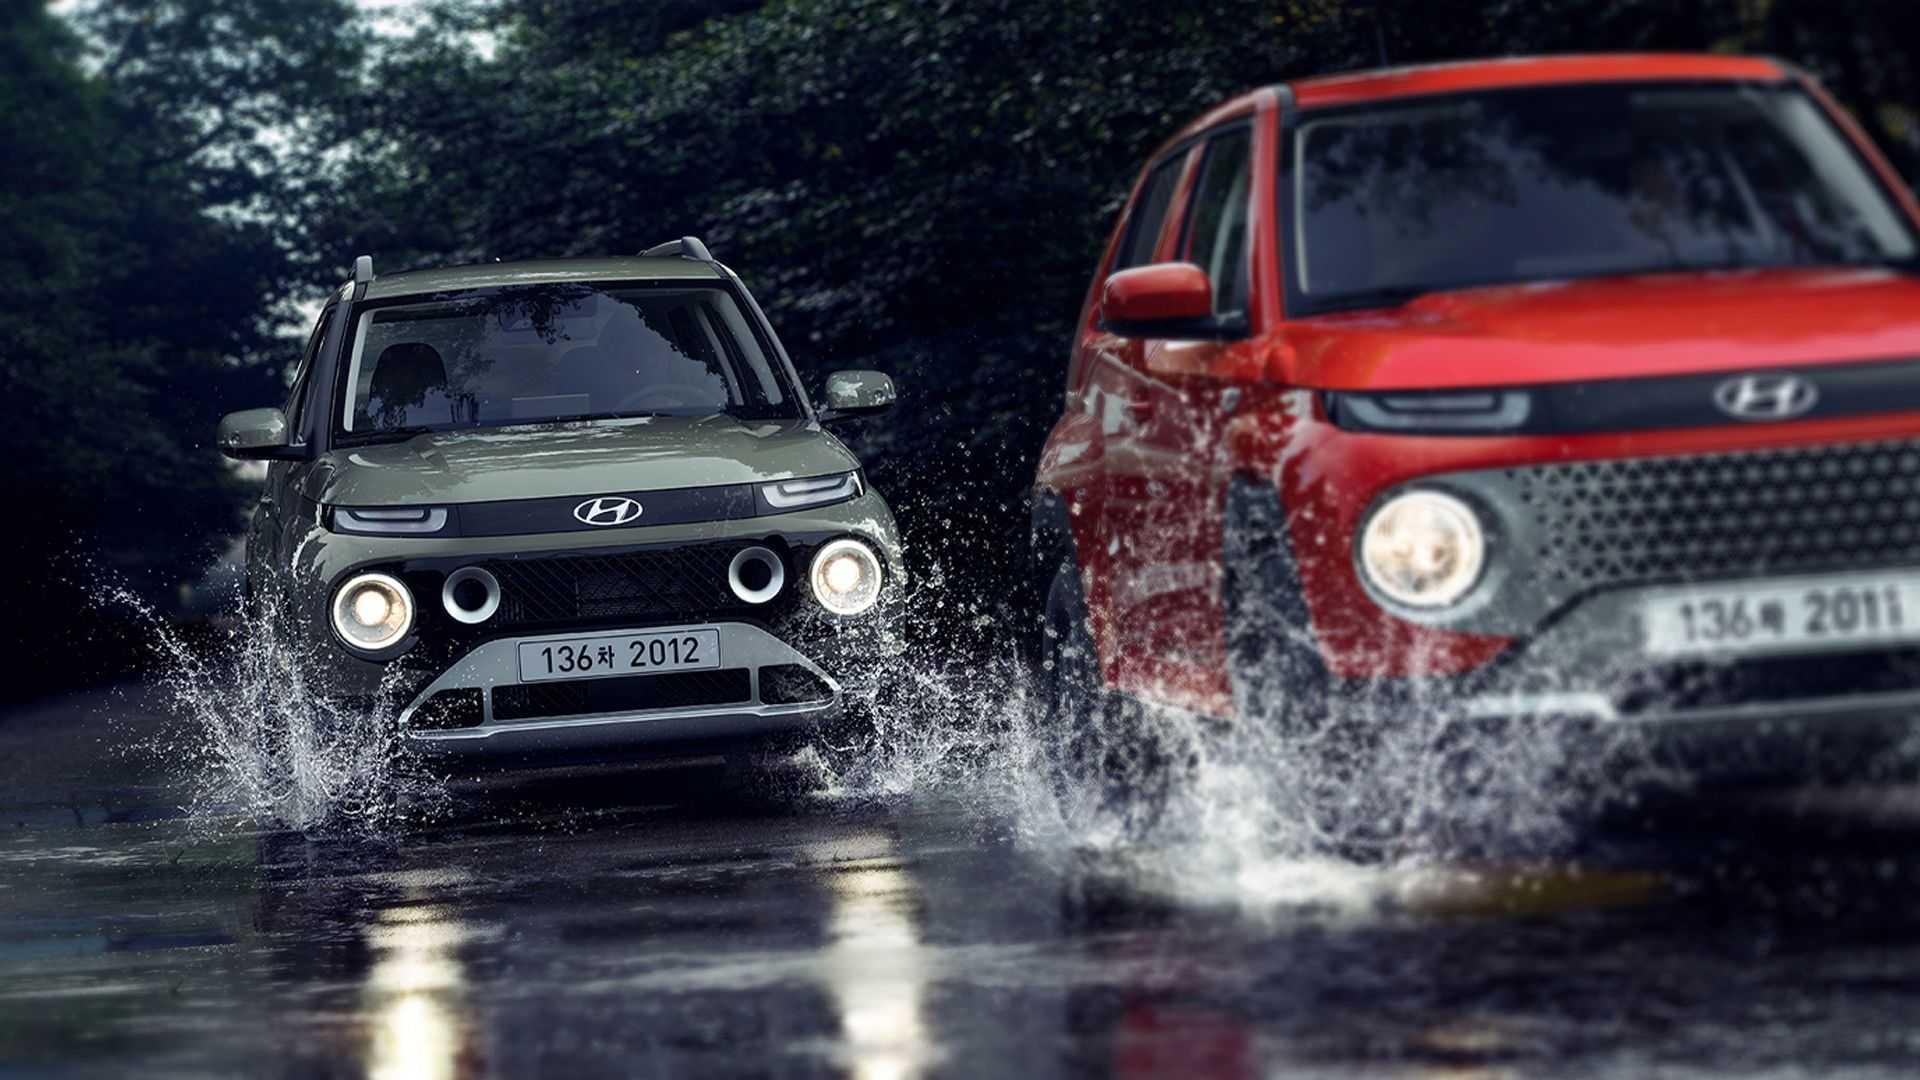 Yeni Hyundai Casper'ın iç mekanı ve özellikleri de ortaya çıktı